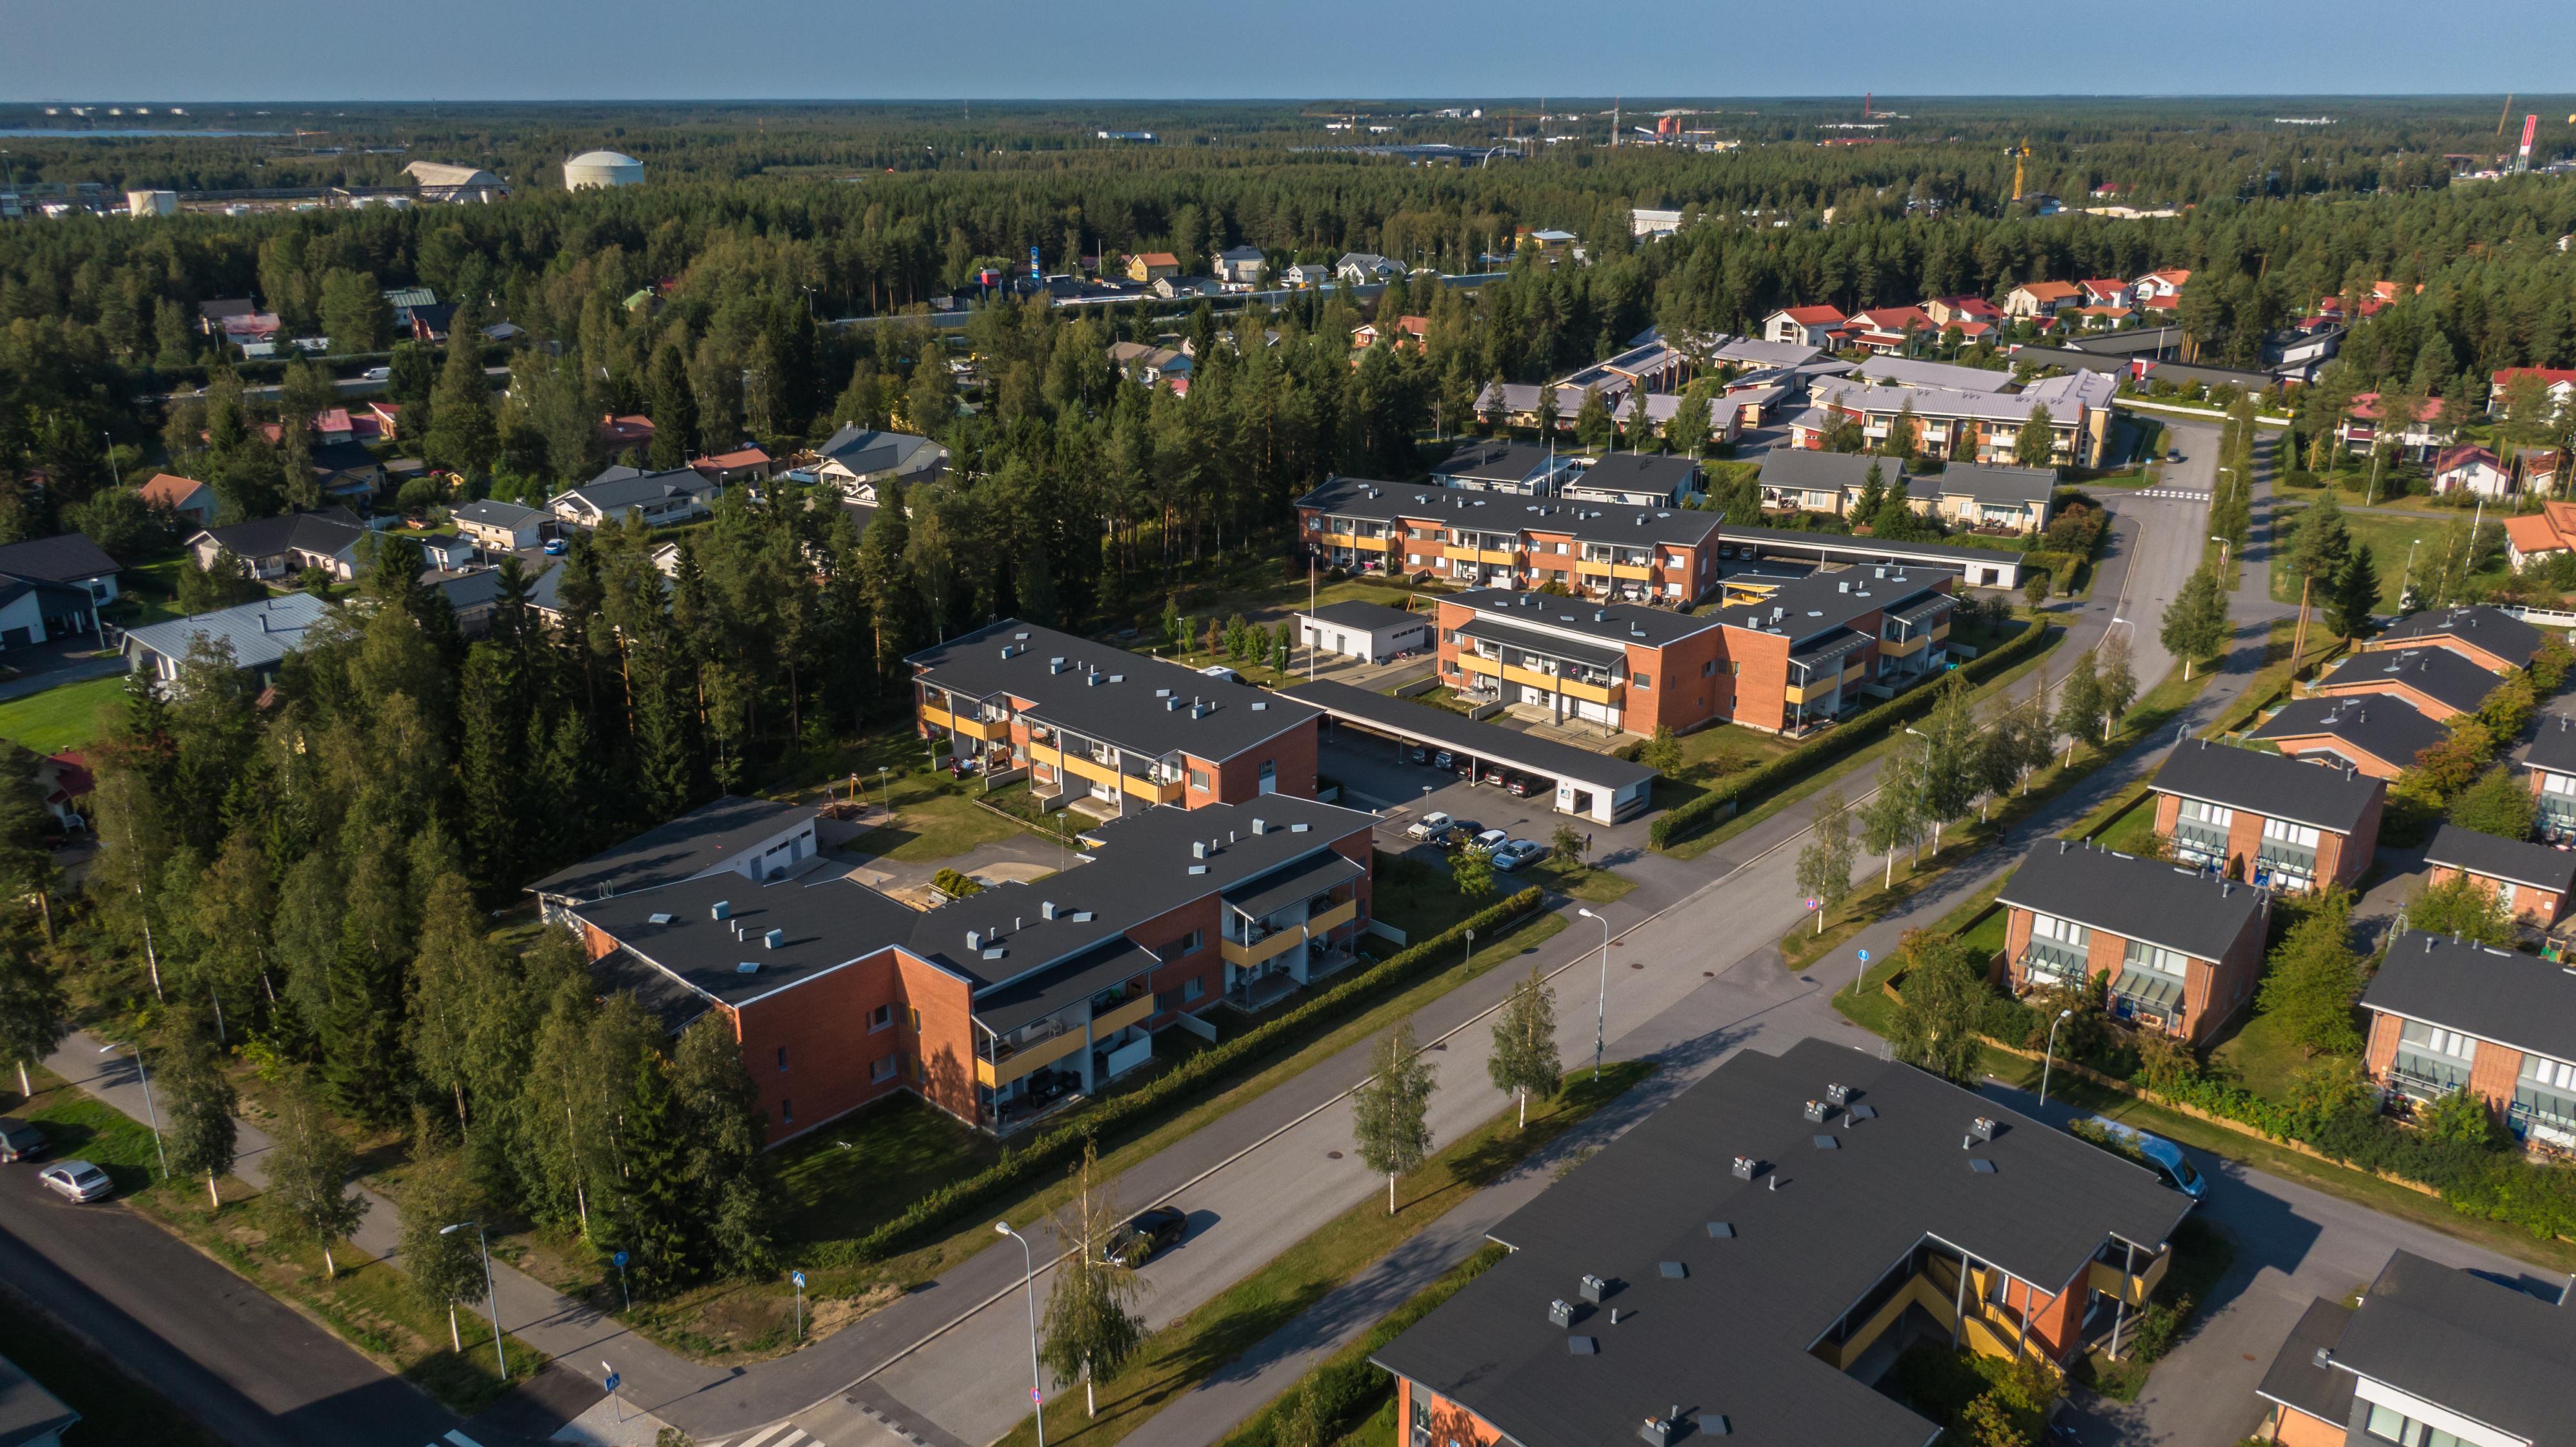 Oulun Kynsilehdossa ilmasta dronen avulla otettu kuva. Kaupunkilähiötä hyvine kulkuyhteyksineen ja metsää.